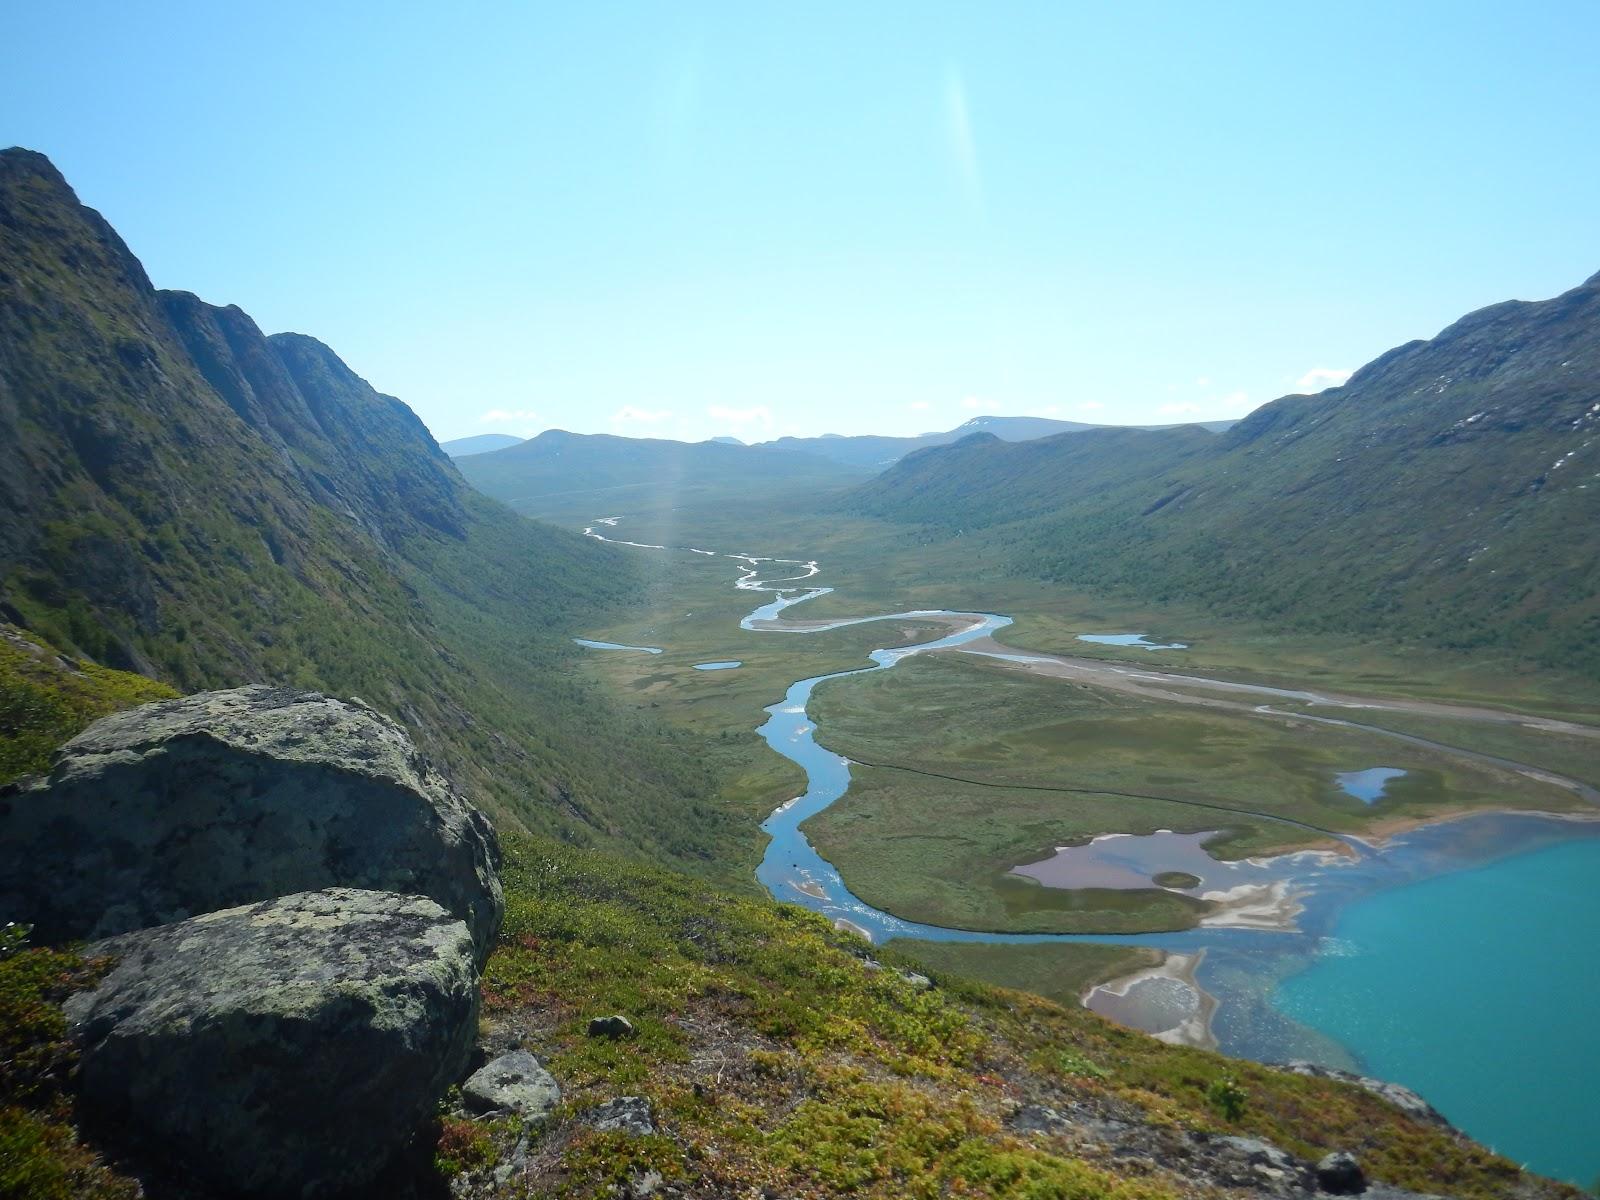 River andlake ØvreLeirungen from descendingKnutshø